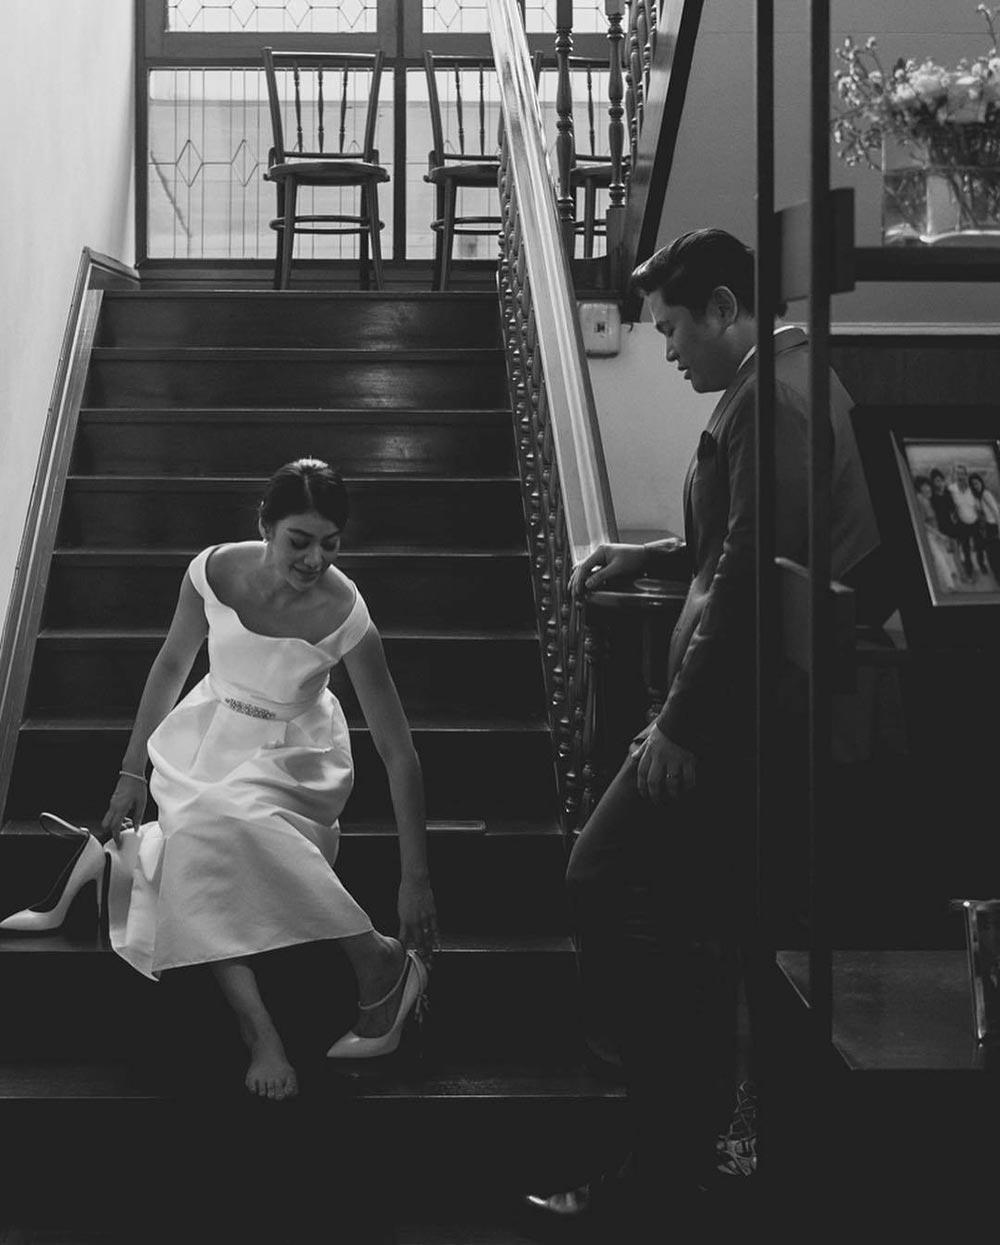 งานแต่งงาน พิตต้า ณ พัทลุง และอ๊อฟ พลช